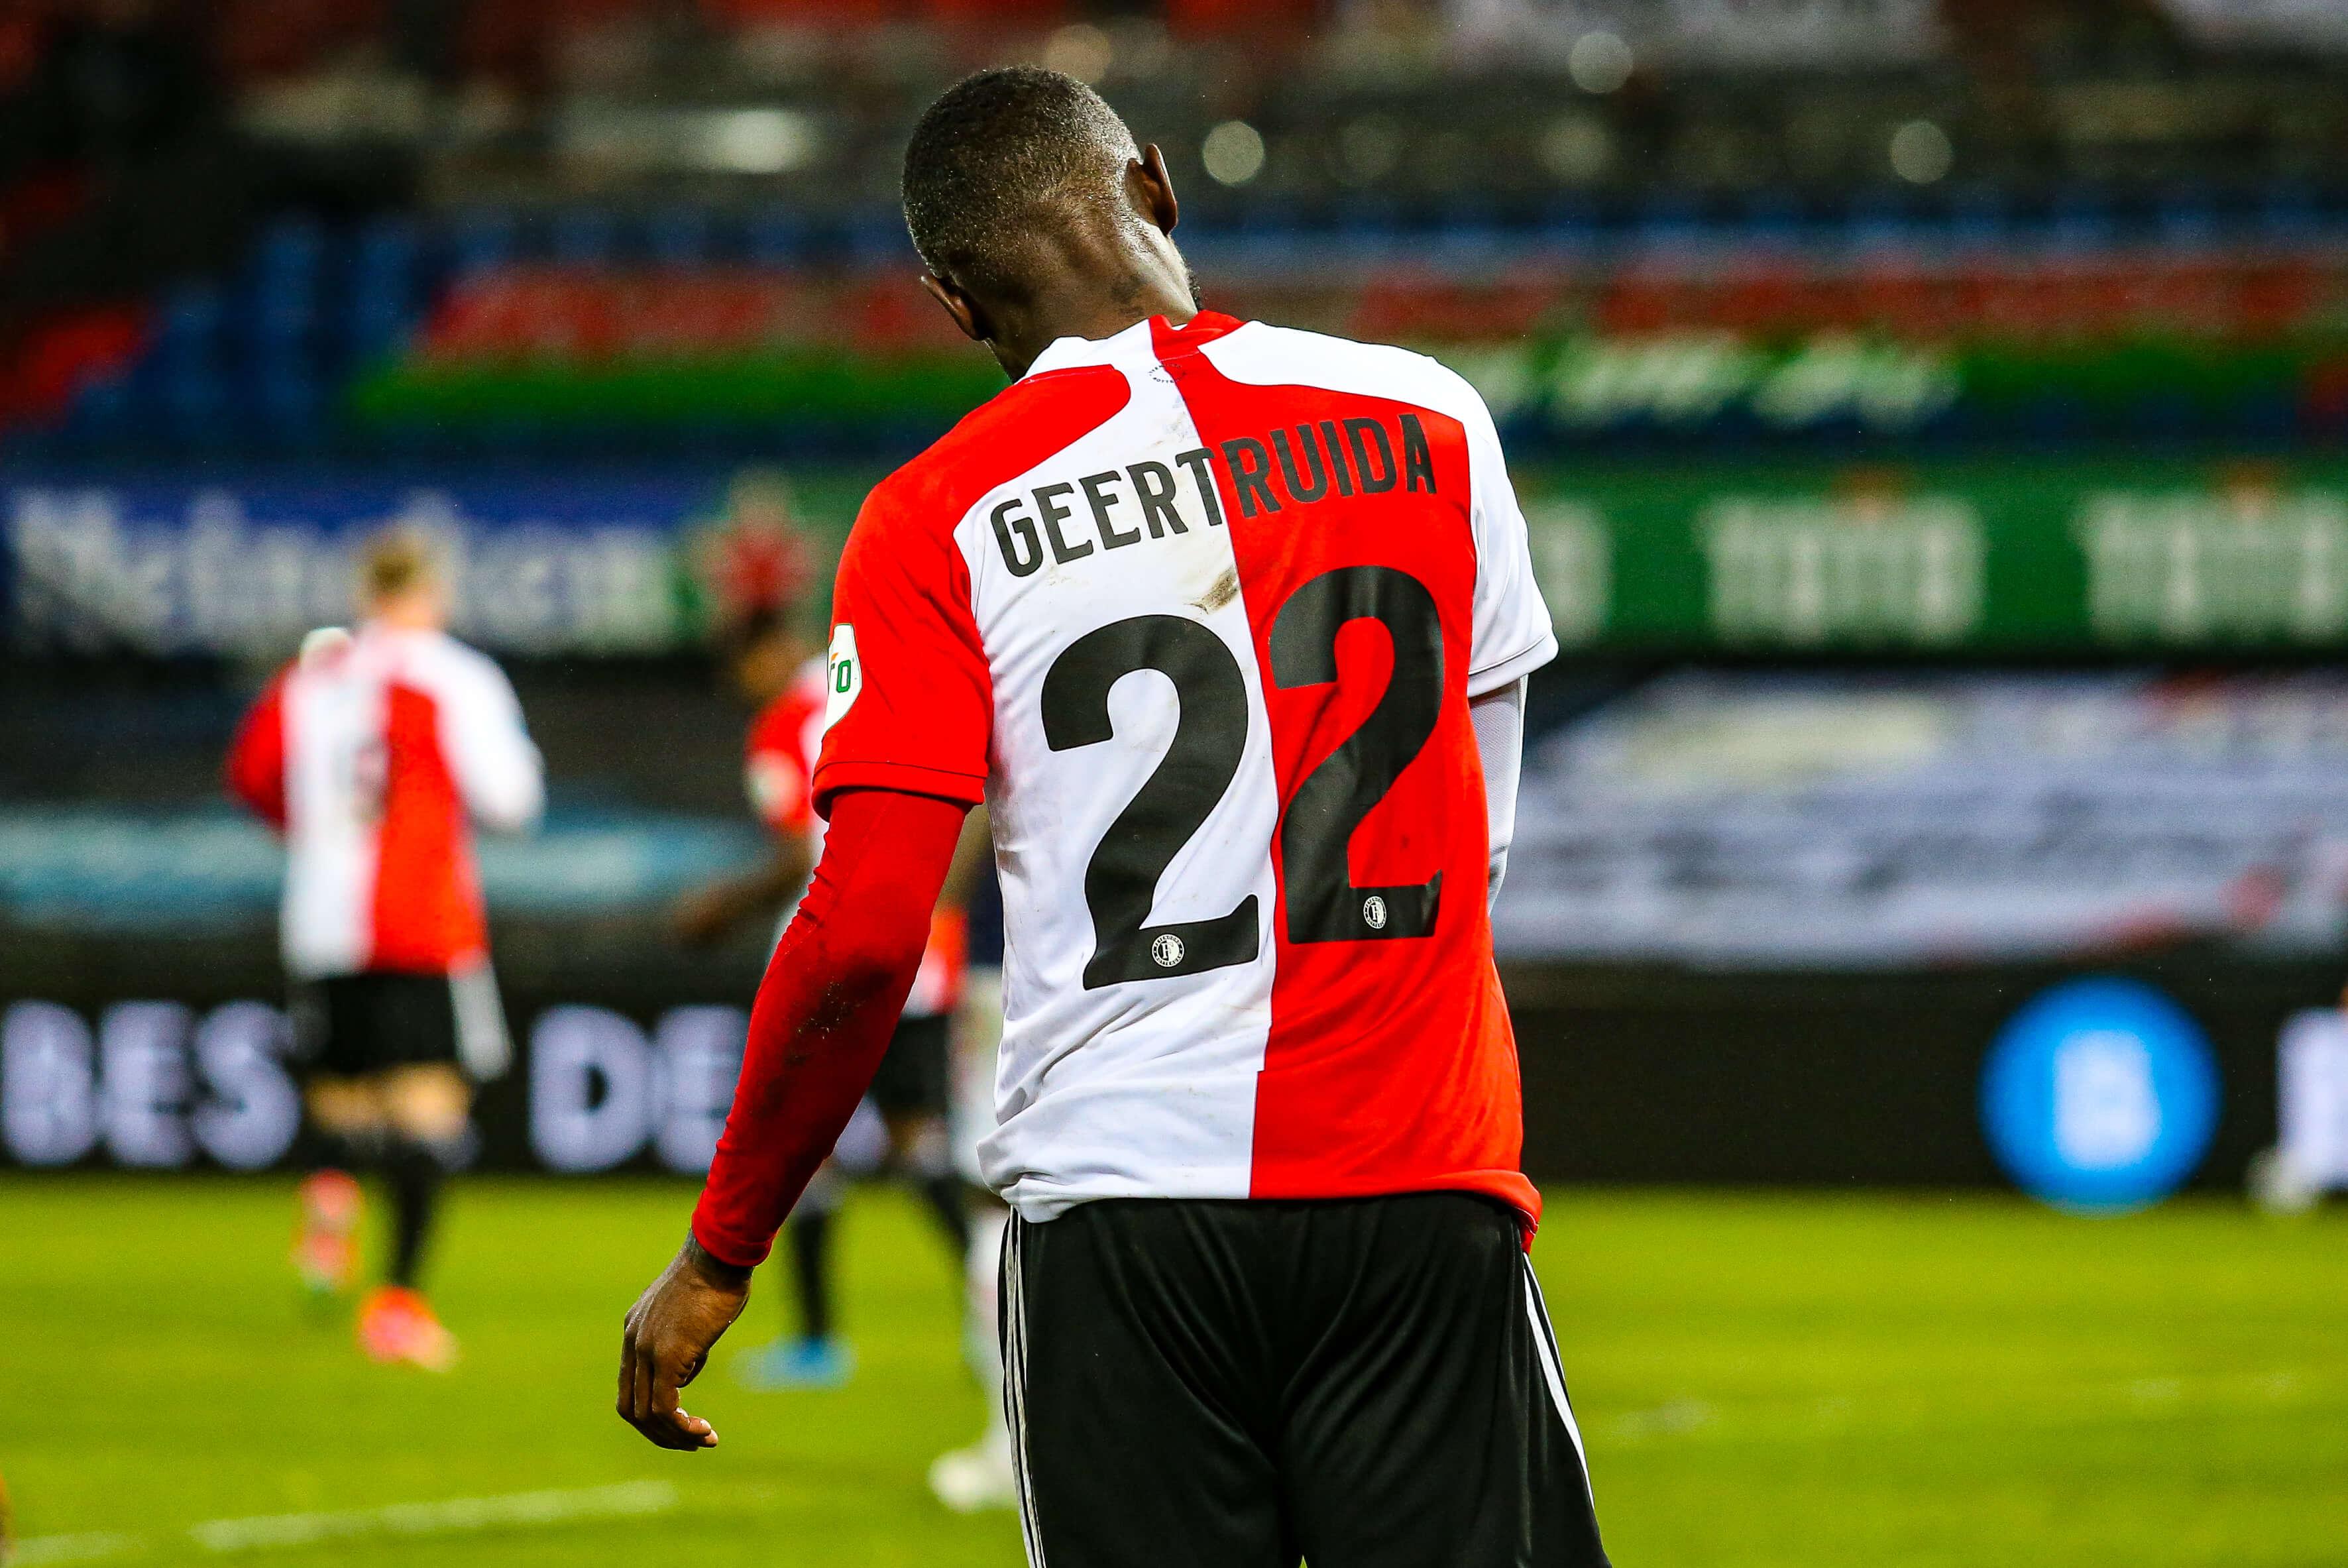 """Zaakwaarnemer Lutsharel Geertruida: """"Hij heeft de intentie om bij Feyenoord te blijven""""; image source: Pro Shots"""